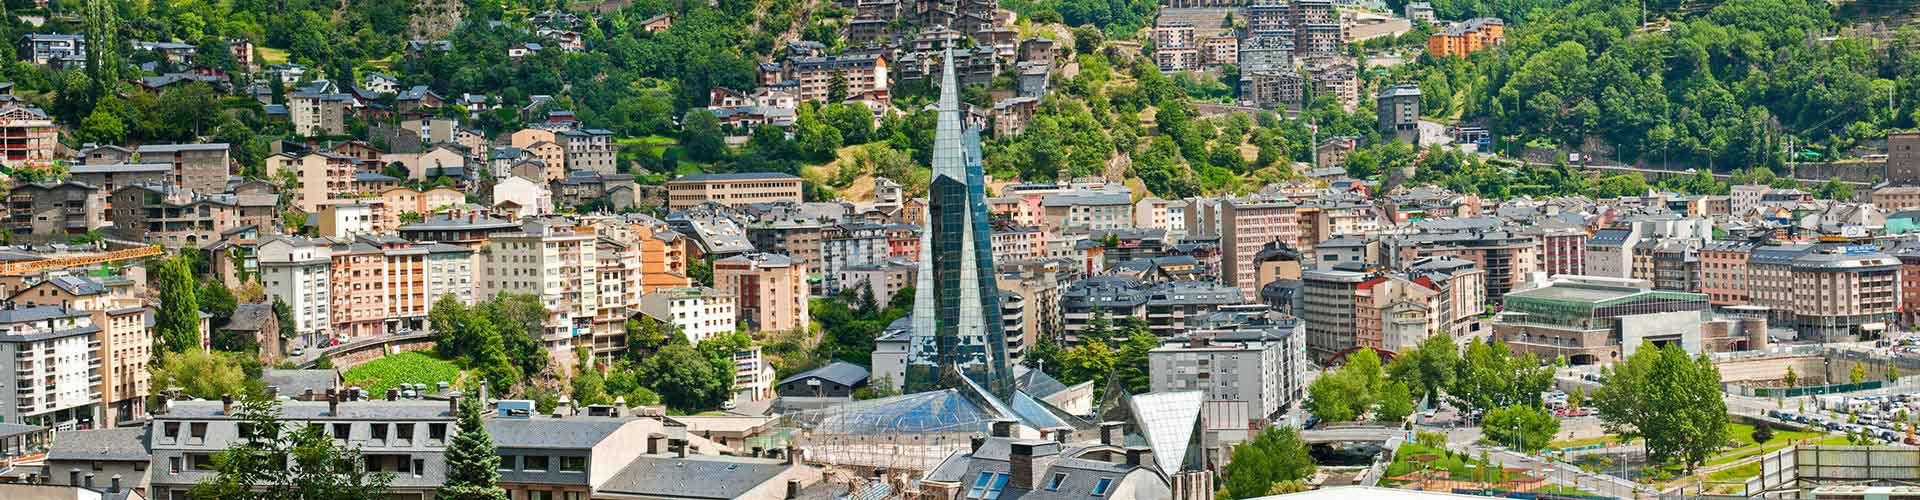 Andorra la Vella – Huoneet kohteessa Andorra la Vella. Andorra la Vella -karttoja, valokuvia ja arvosteluja kaikista Andorra la Vella -huoneista.